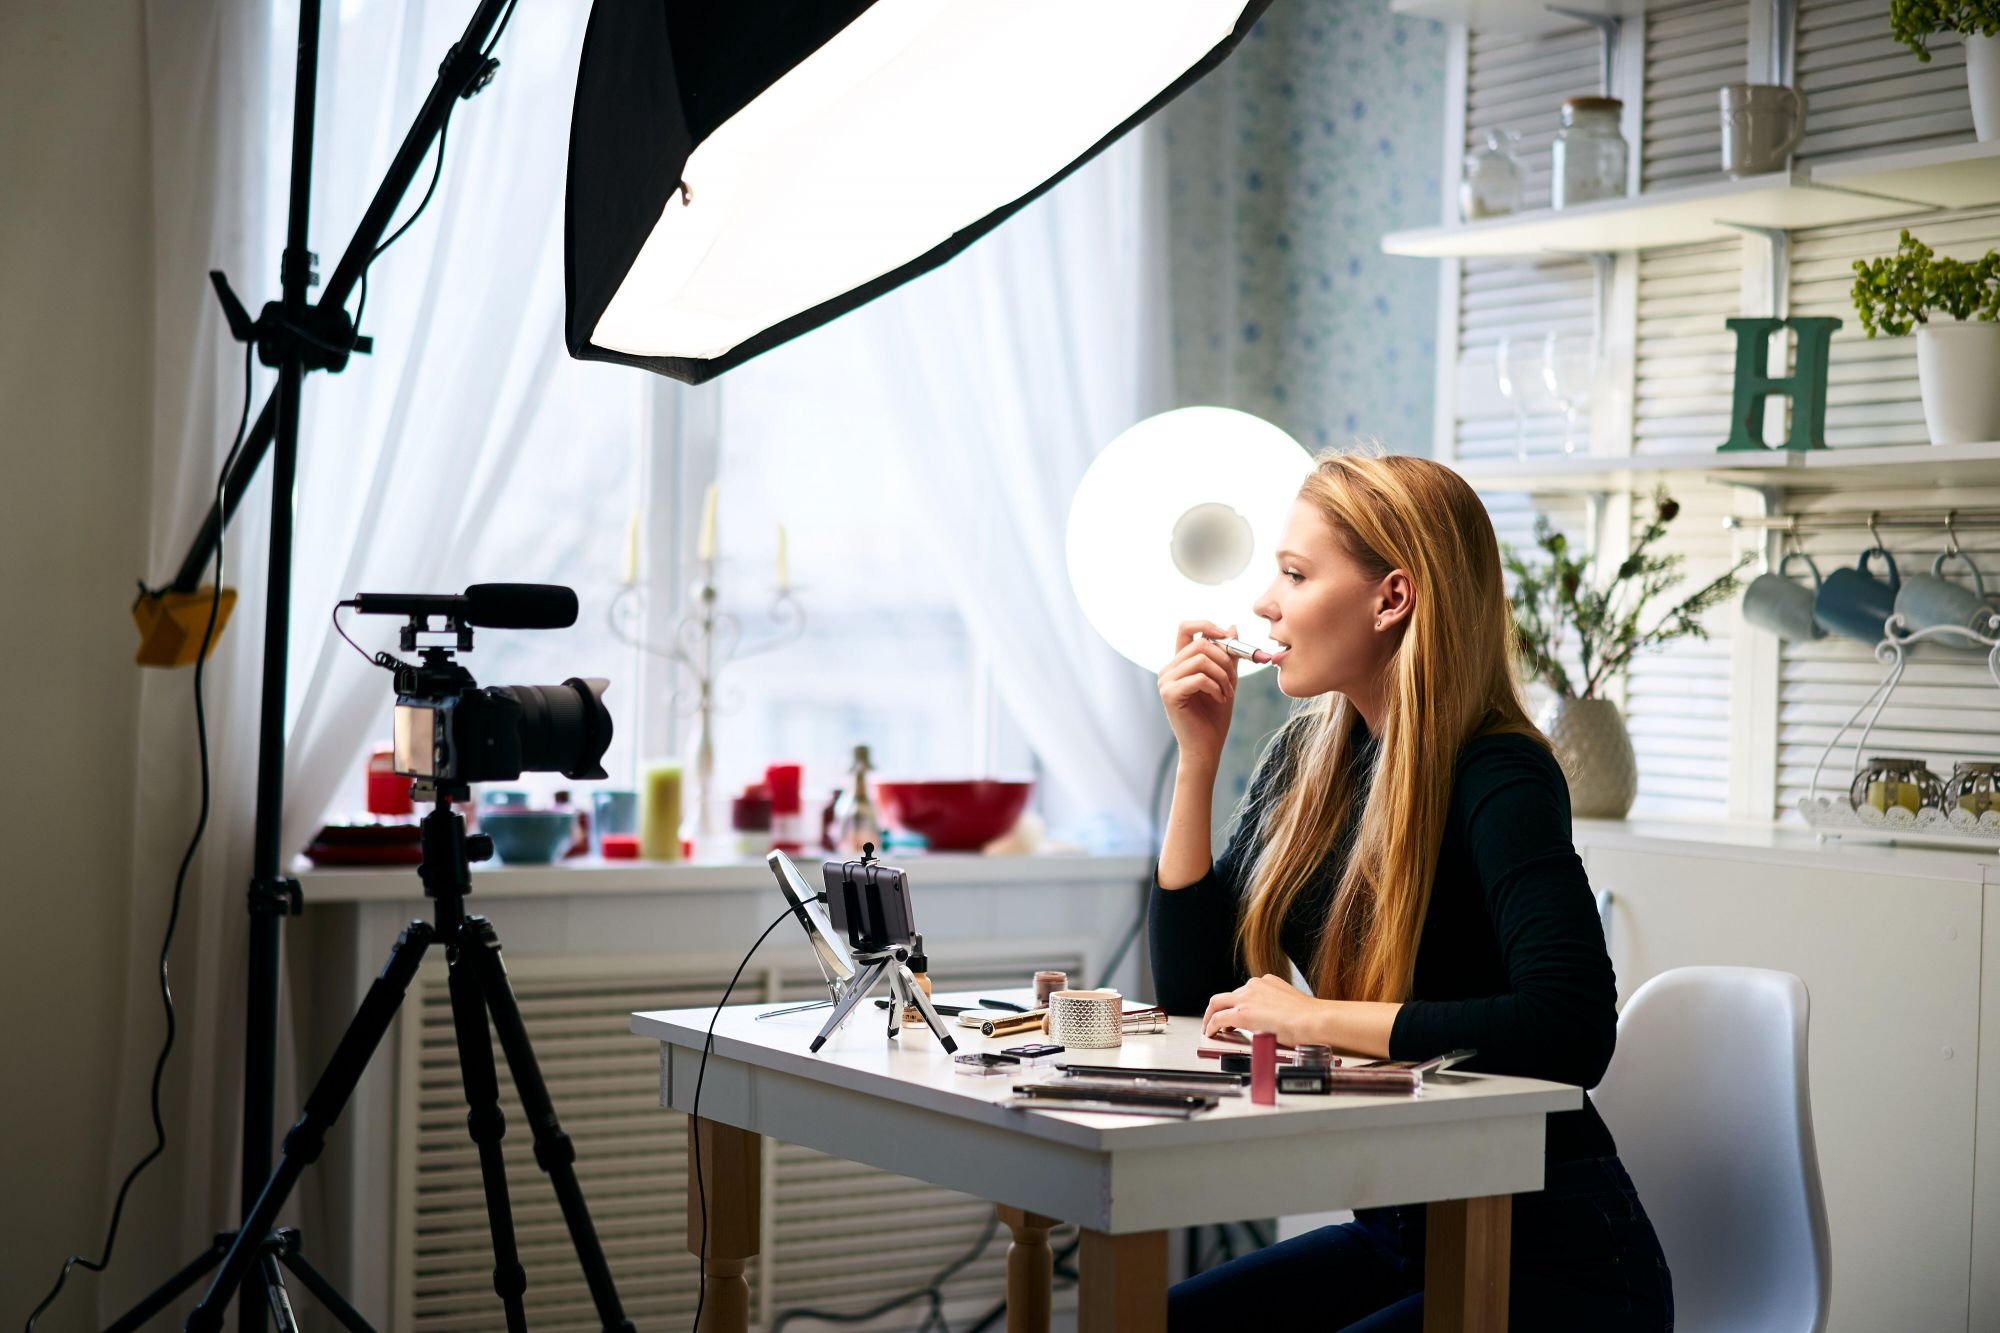 Домашняя студия для стриминга. Бьюти-блогер ведет мастер-класс о применении косметических средств